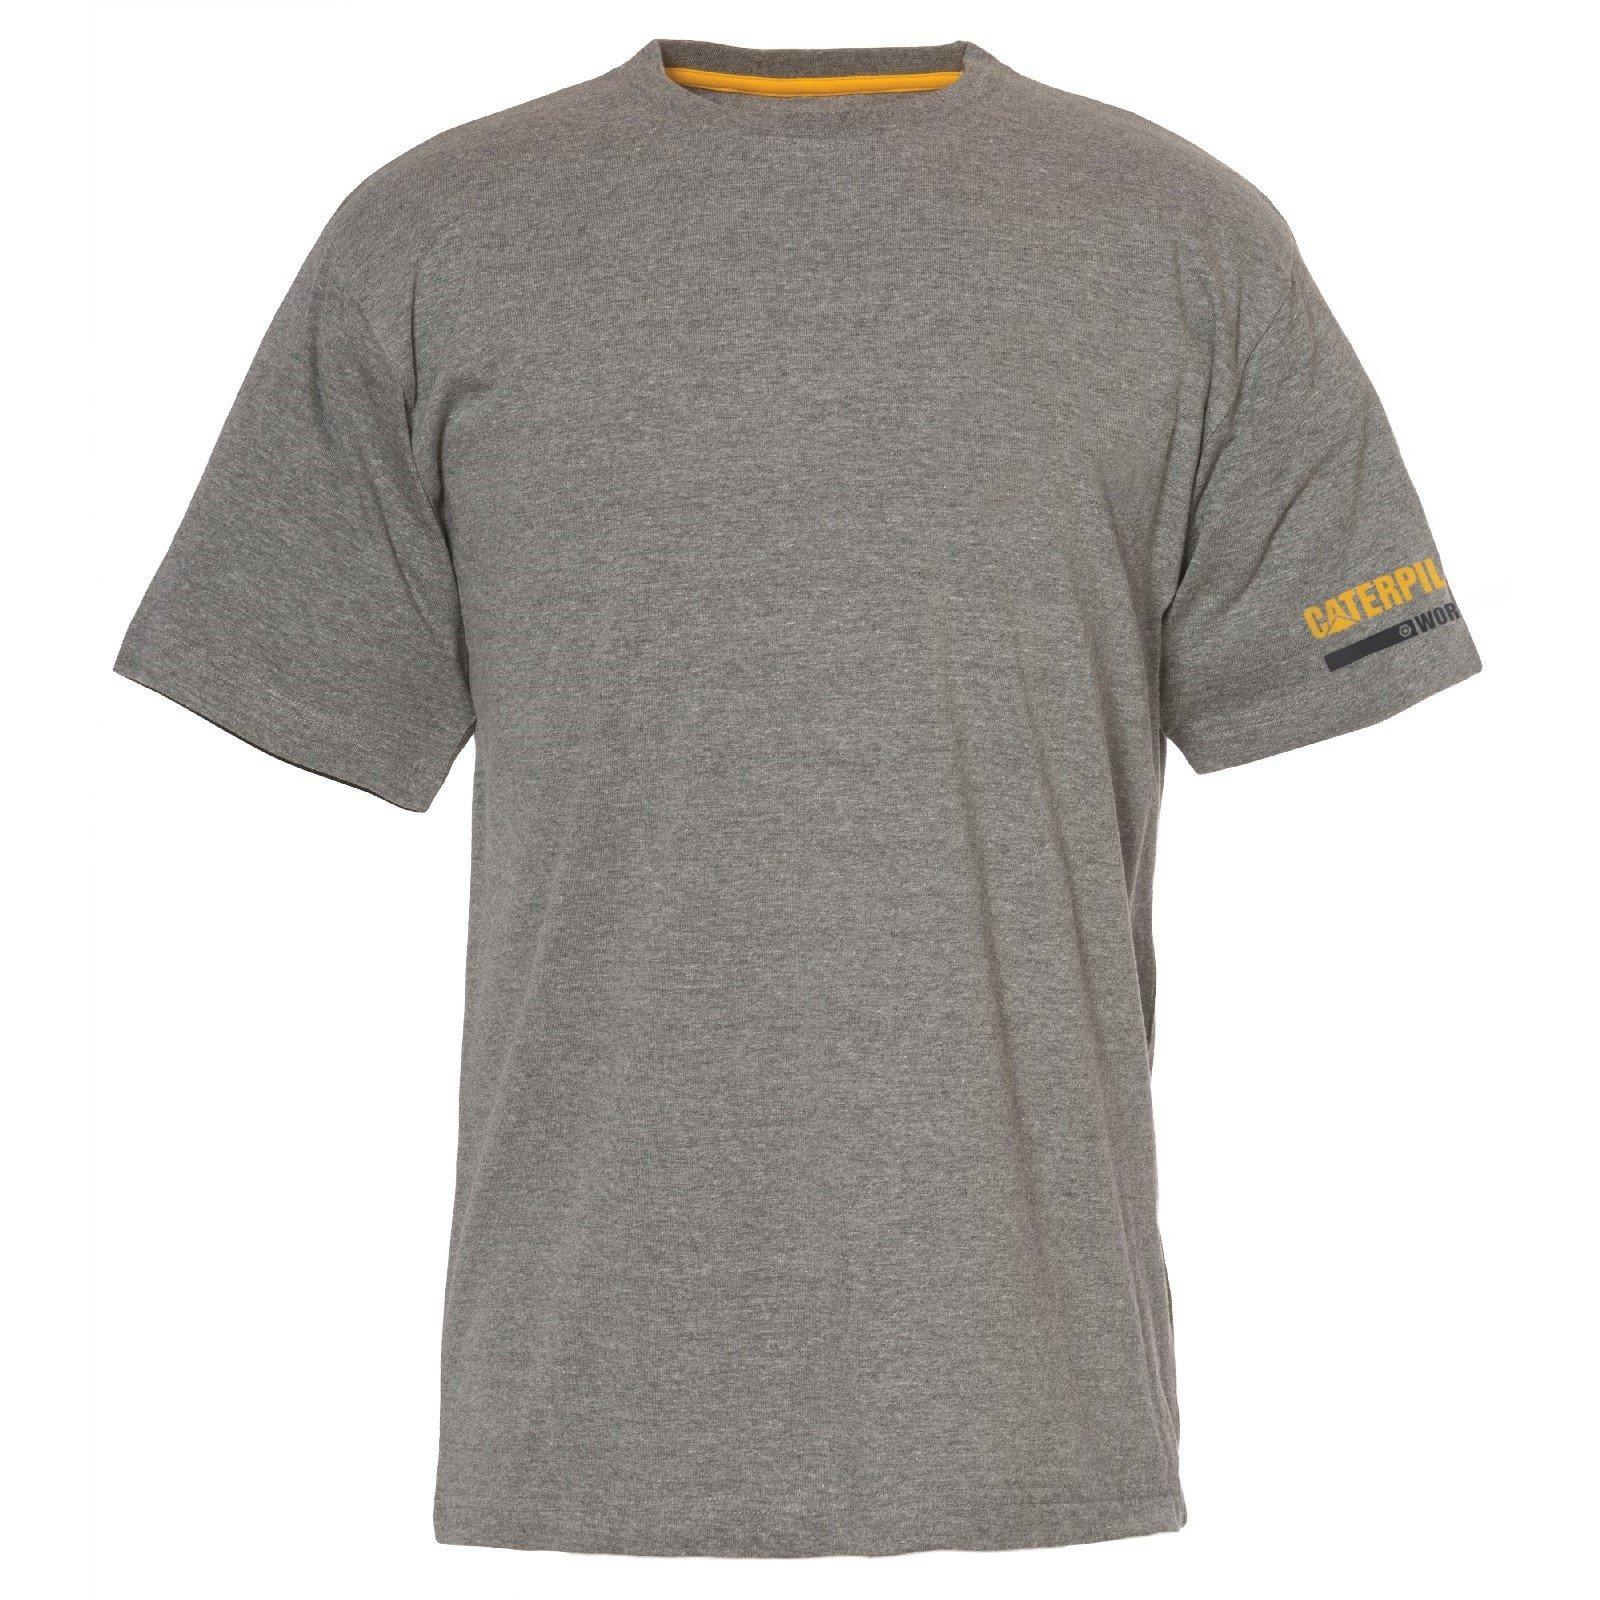 Caterpillar Men's Essentials SS T-Shirt Various Colours 28885-48760 - Dark Grey Med